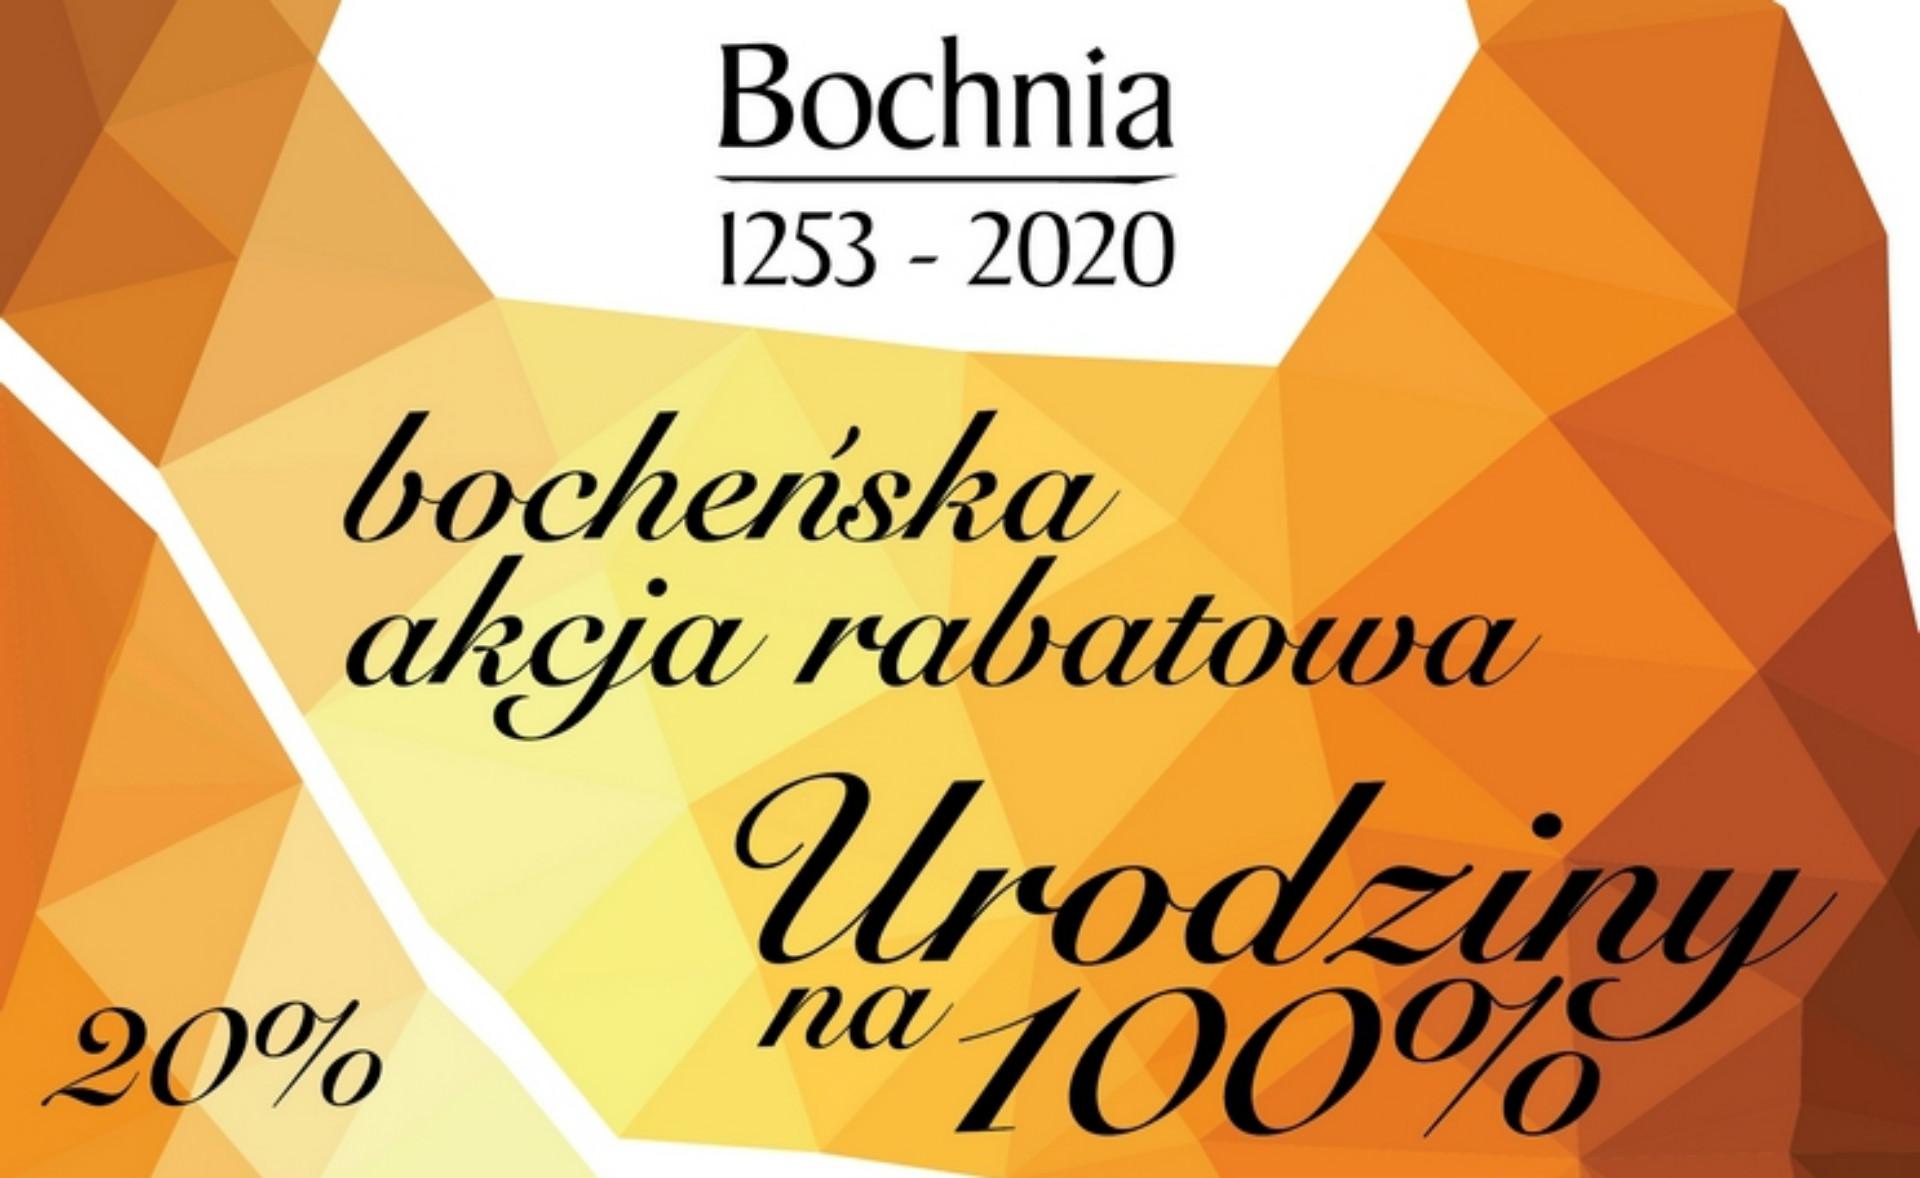 Bocheńska Akcja Rabatowa - 20 % rabatu na pływalni